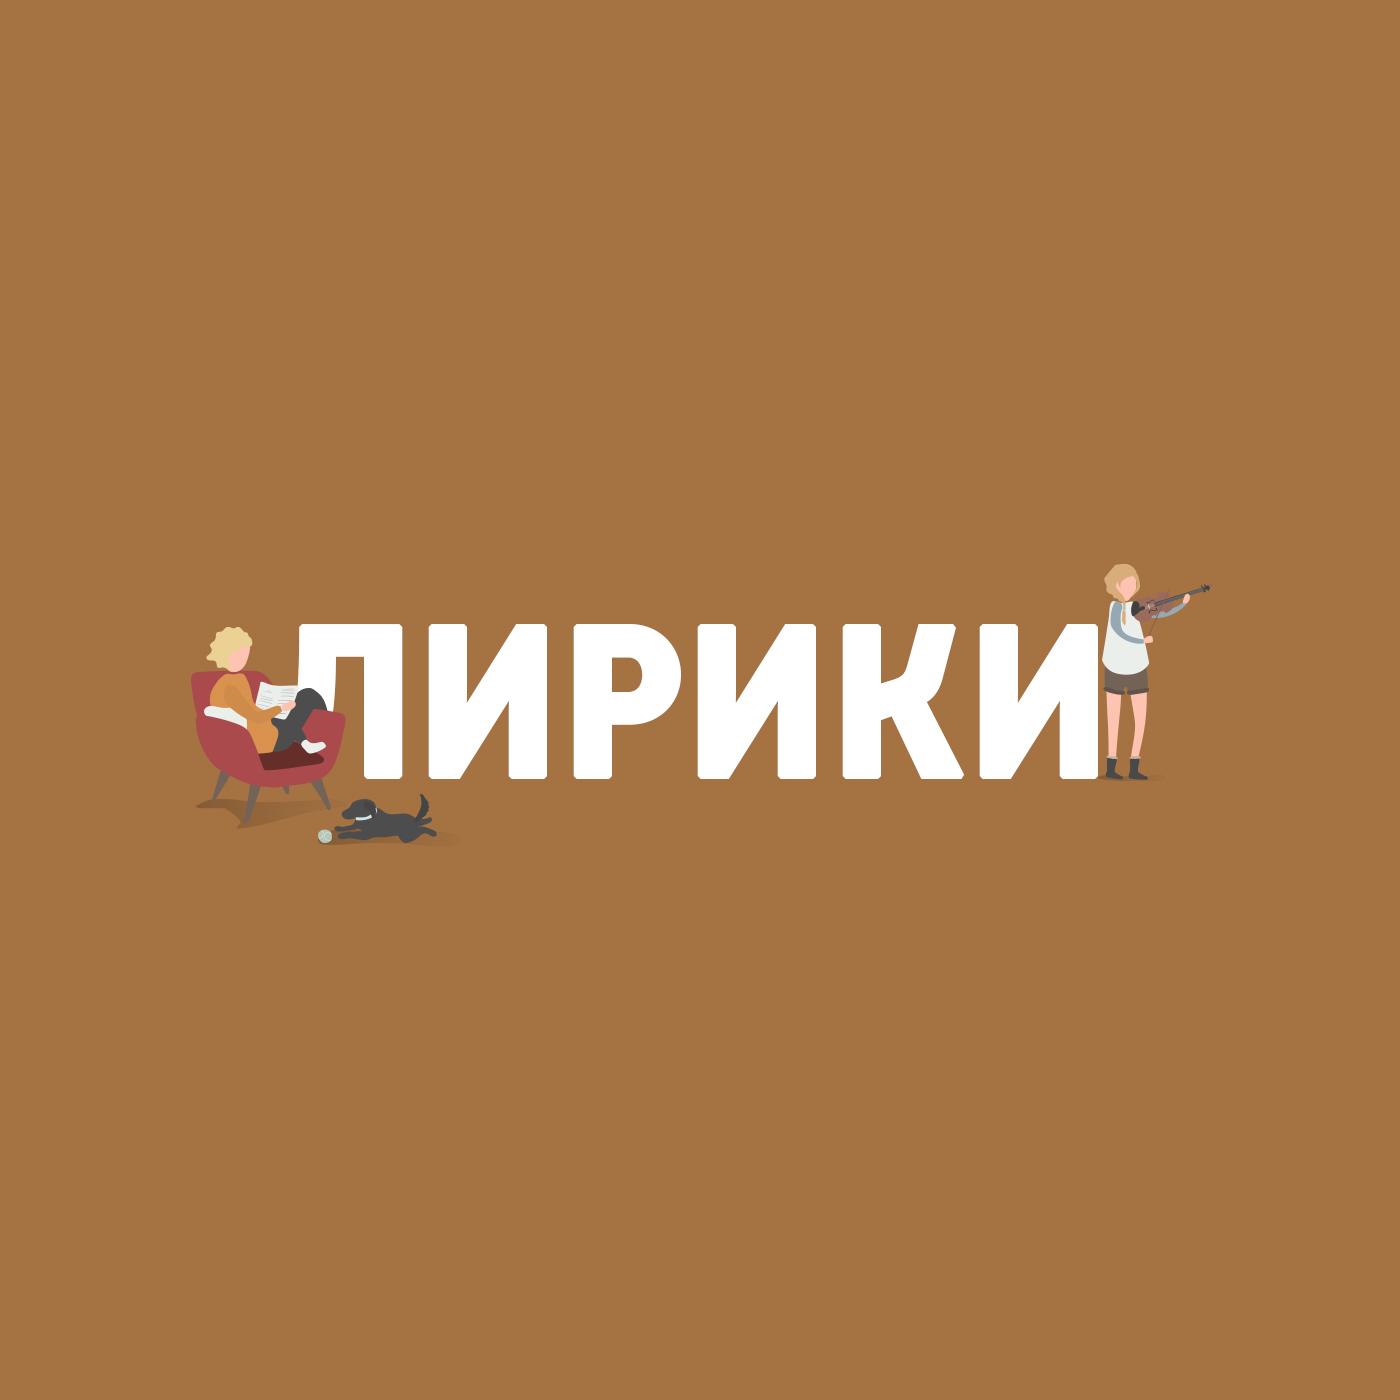 Купить книгу Фразеологизмы, идиомы, народные пословицы и поговорки, автора Александра Пушного